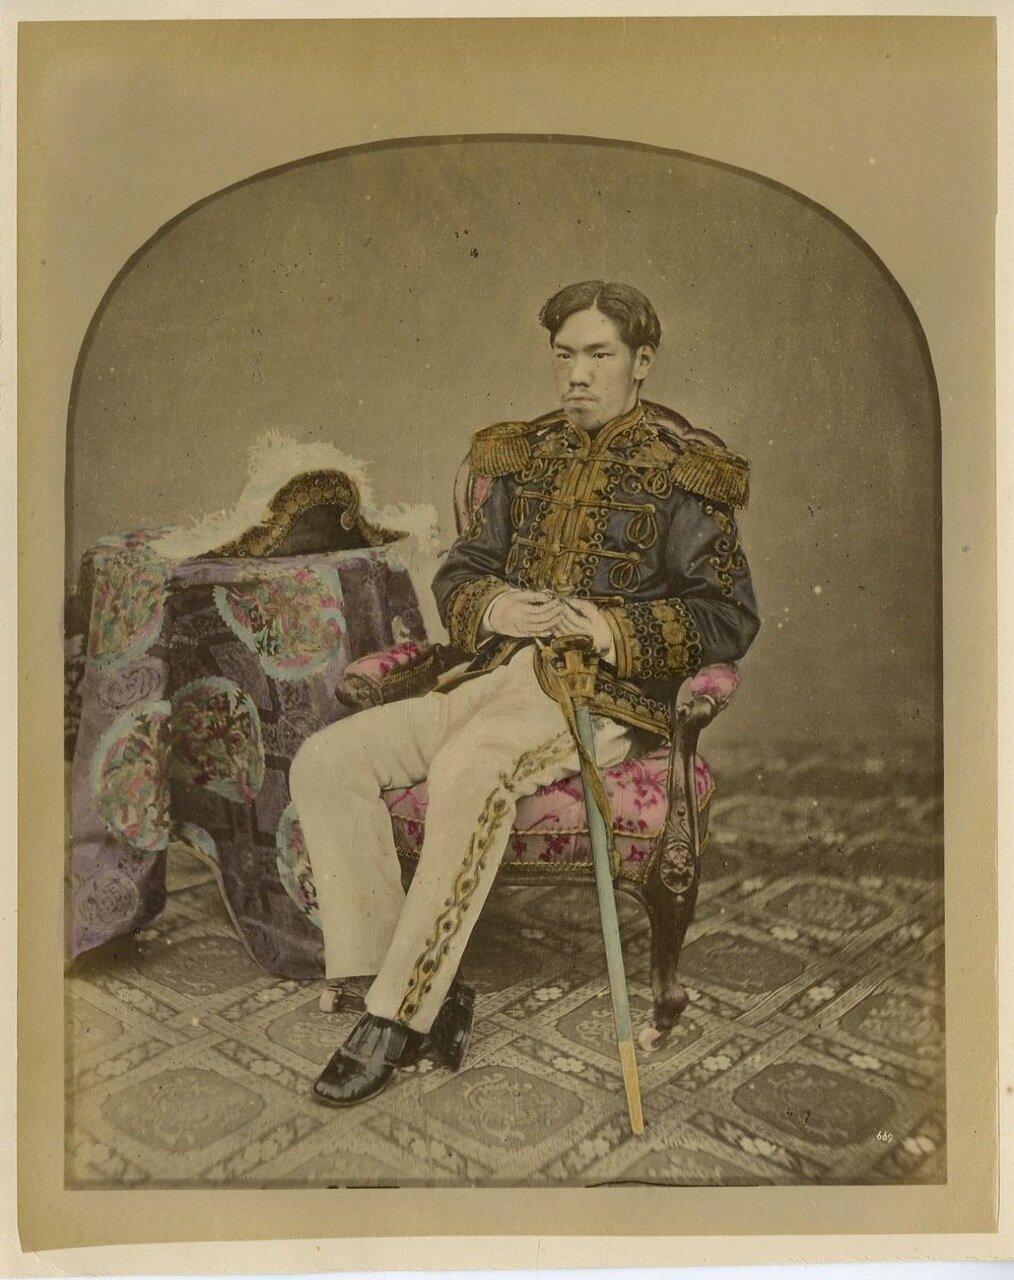 Император Мэйдзи